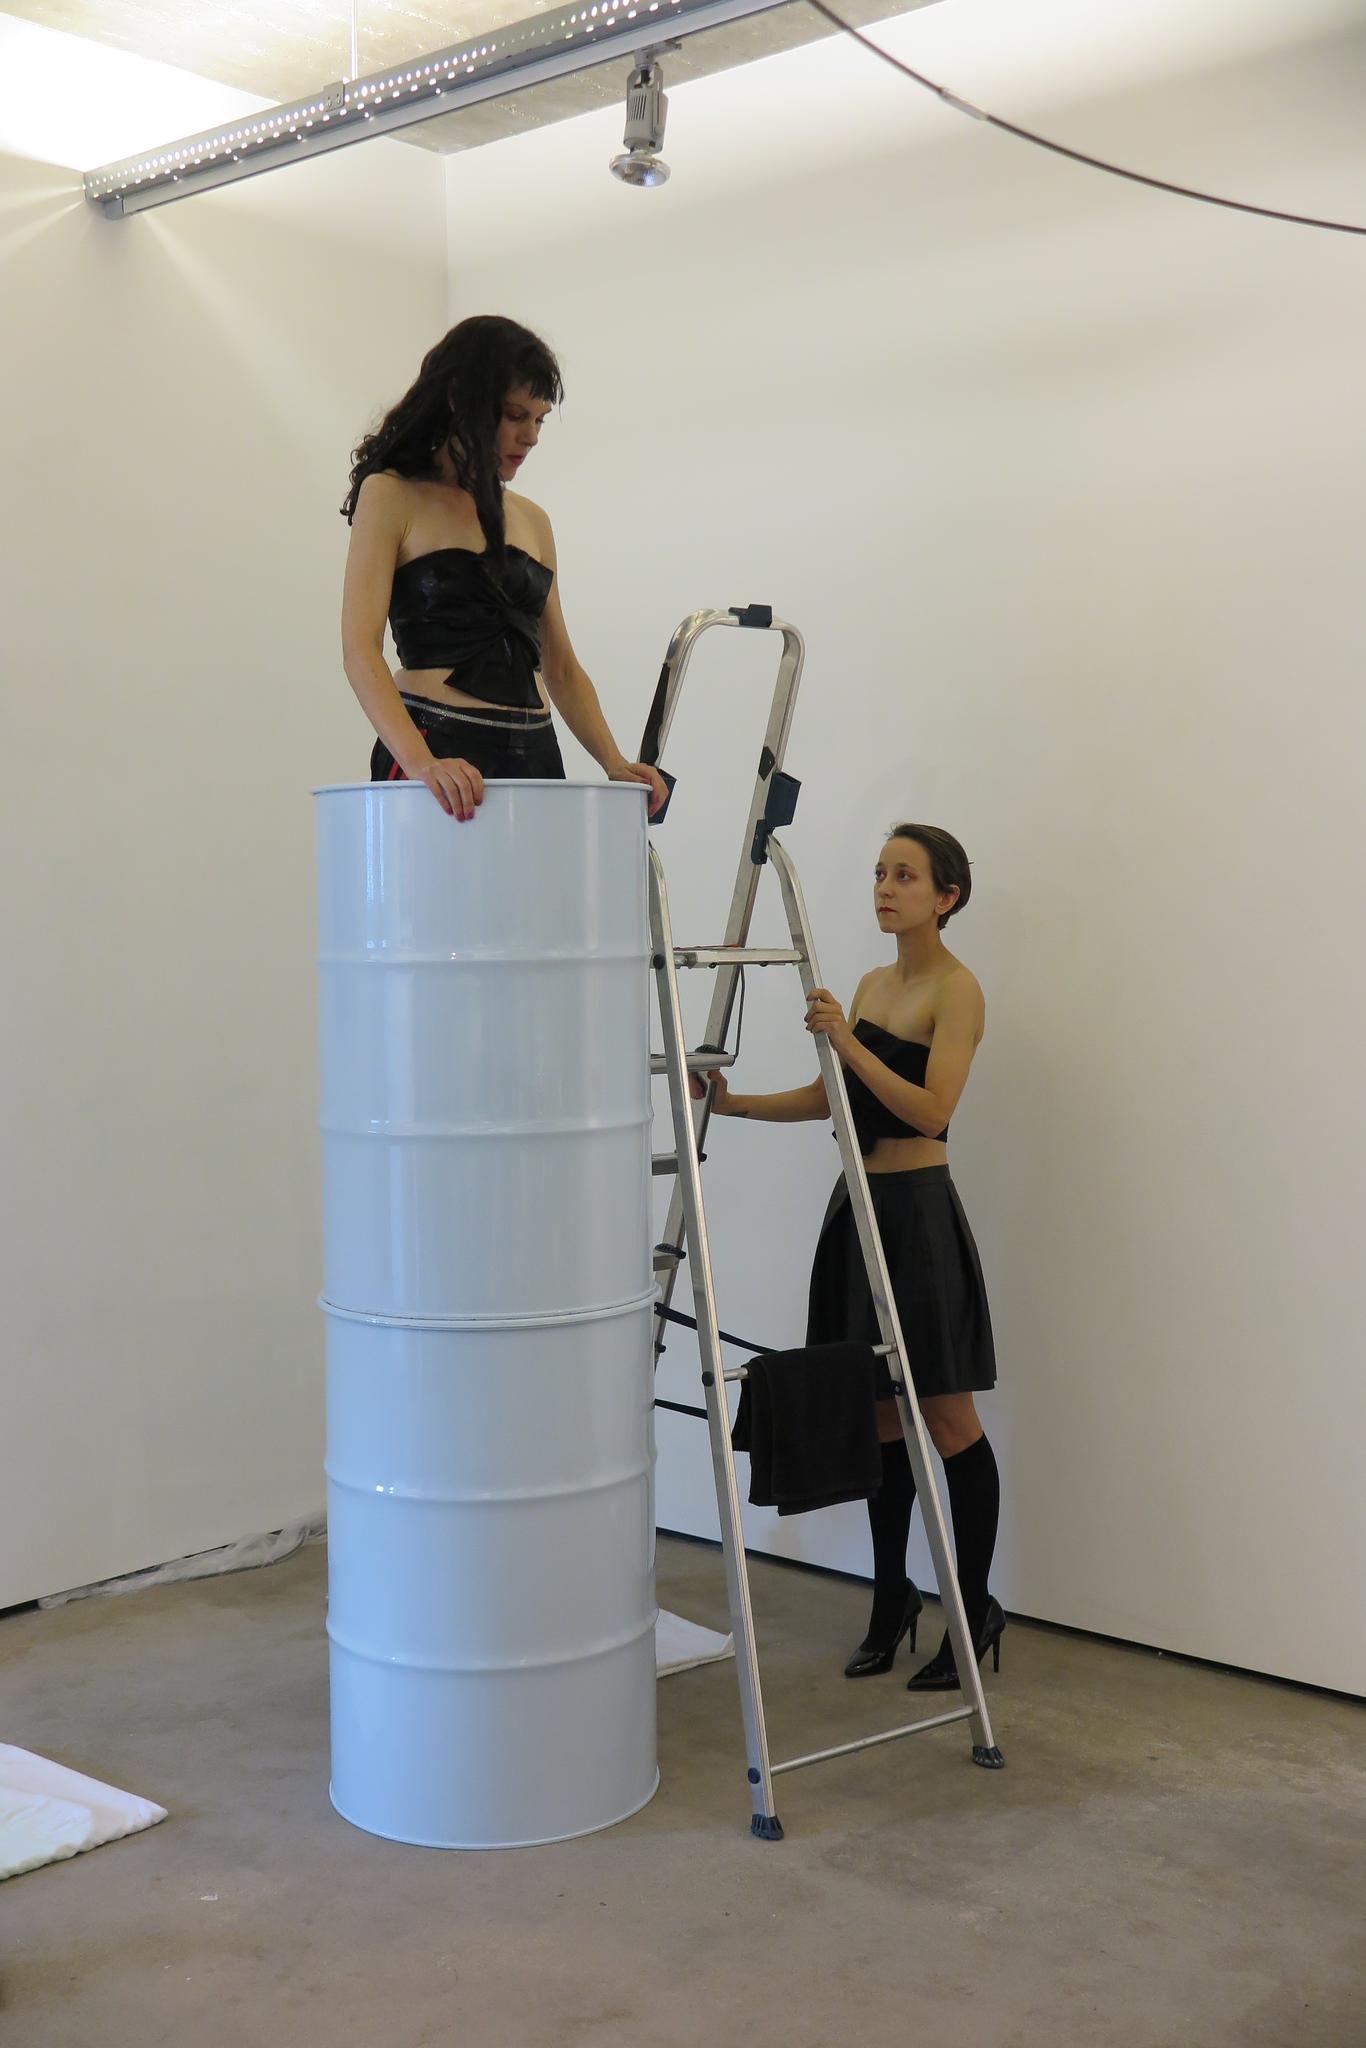 Beeld uit performance The Swan van Emily Kocken en Hanna Monola